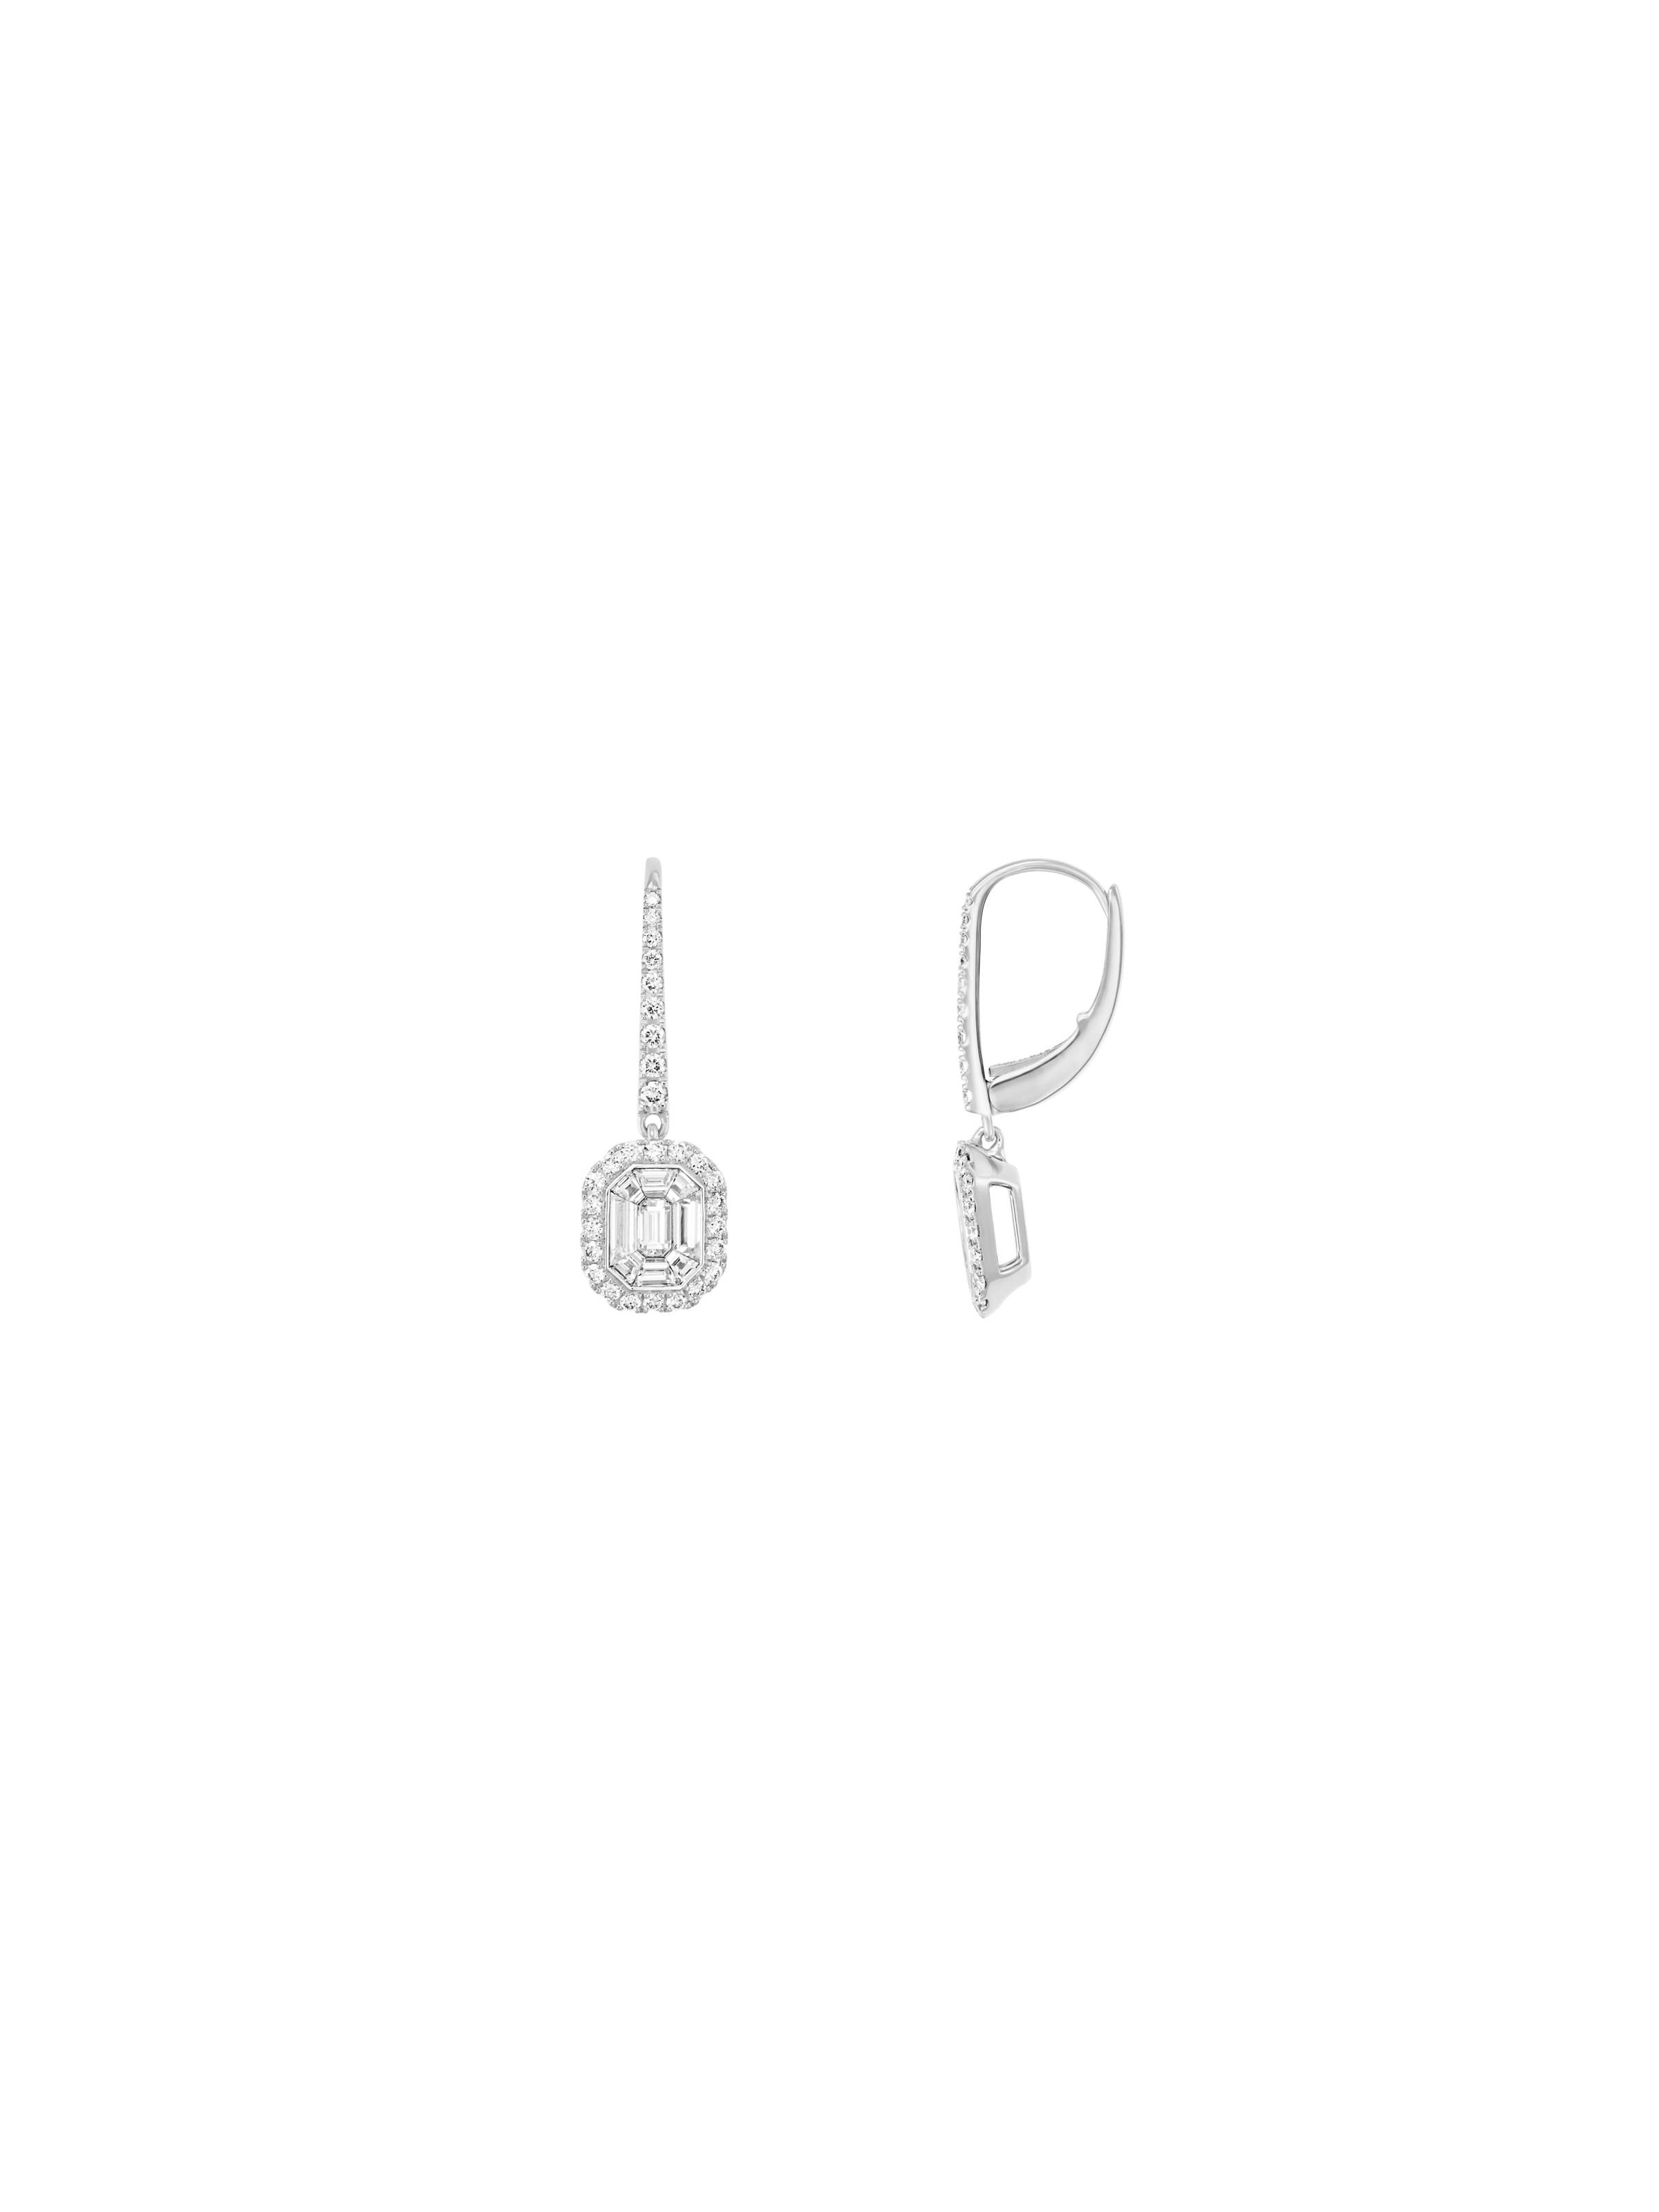 Uptown earrings